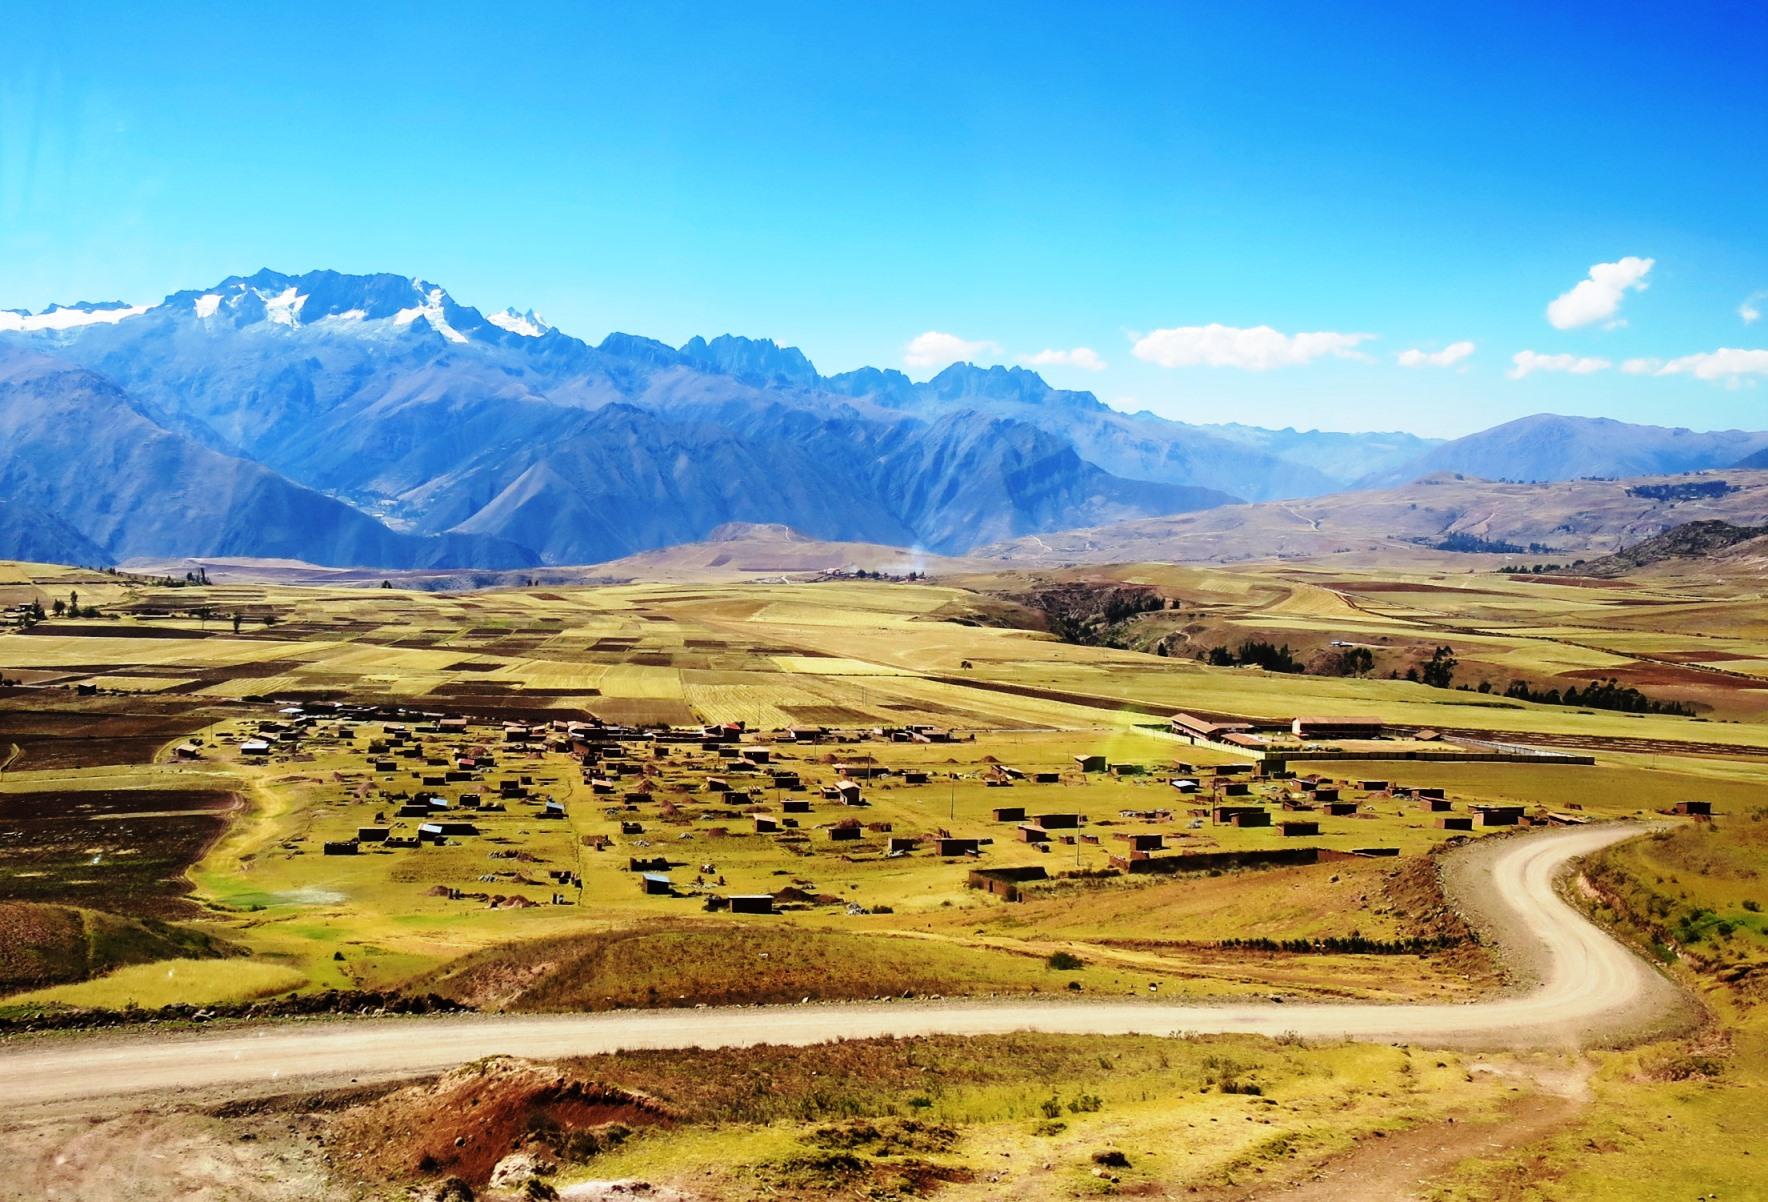 ウルバンバ谷へと続く道は南米らしい広大な平野が広がる